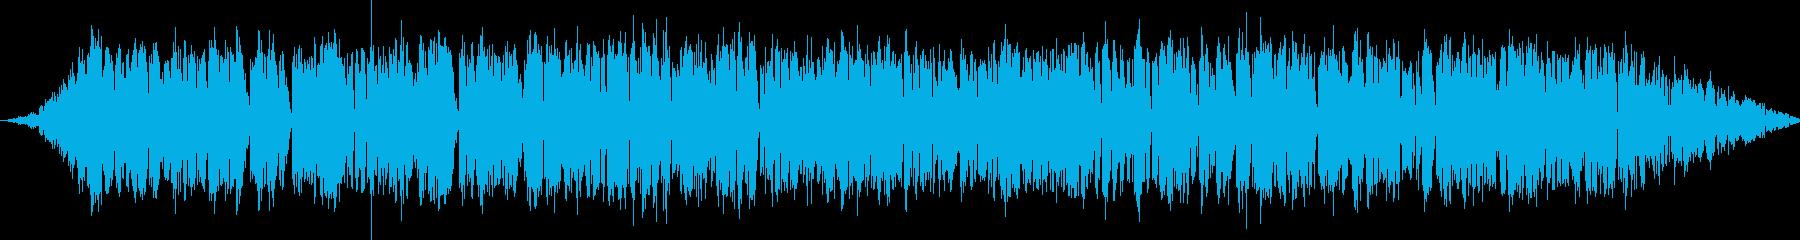 スプラッタグループコミュニケーショ...の再生済みの波形